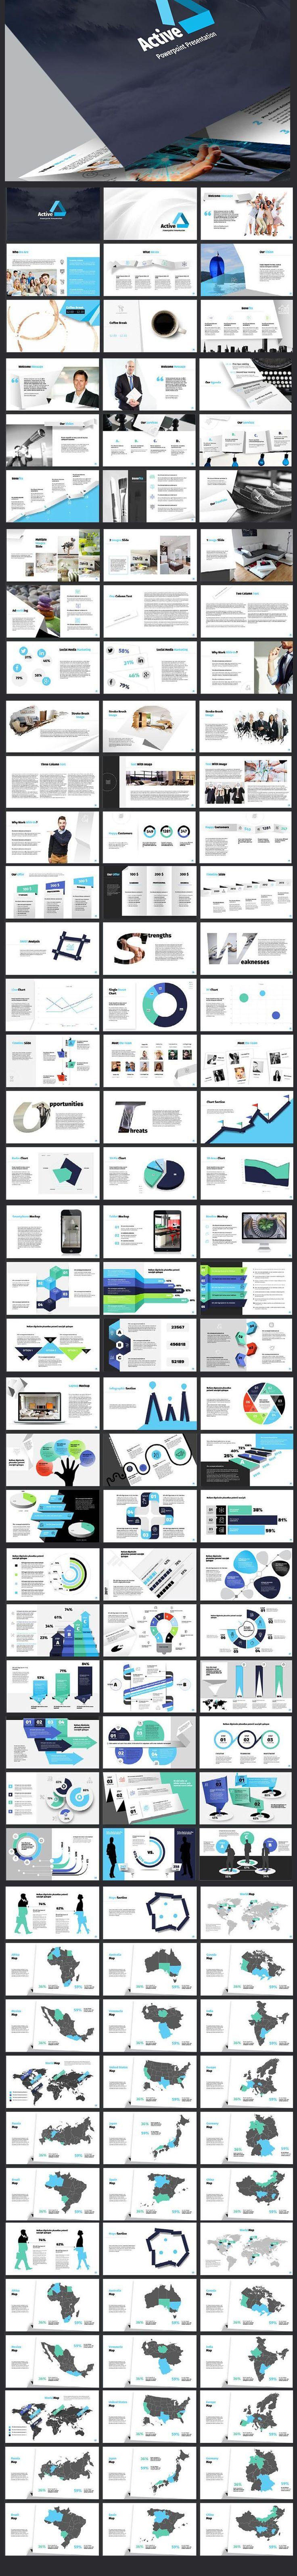 112 besten Templates Bilder auf Pinterest | Grafiken, Werbung und ...